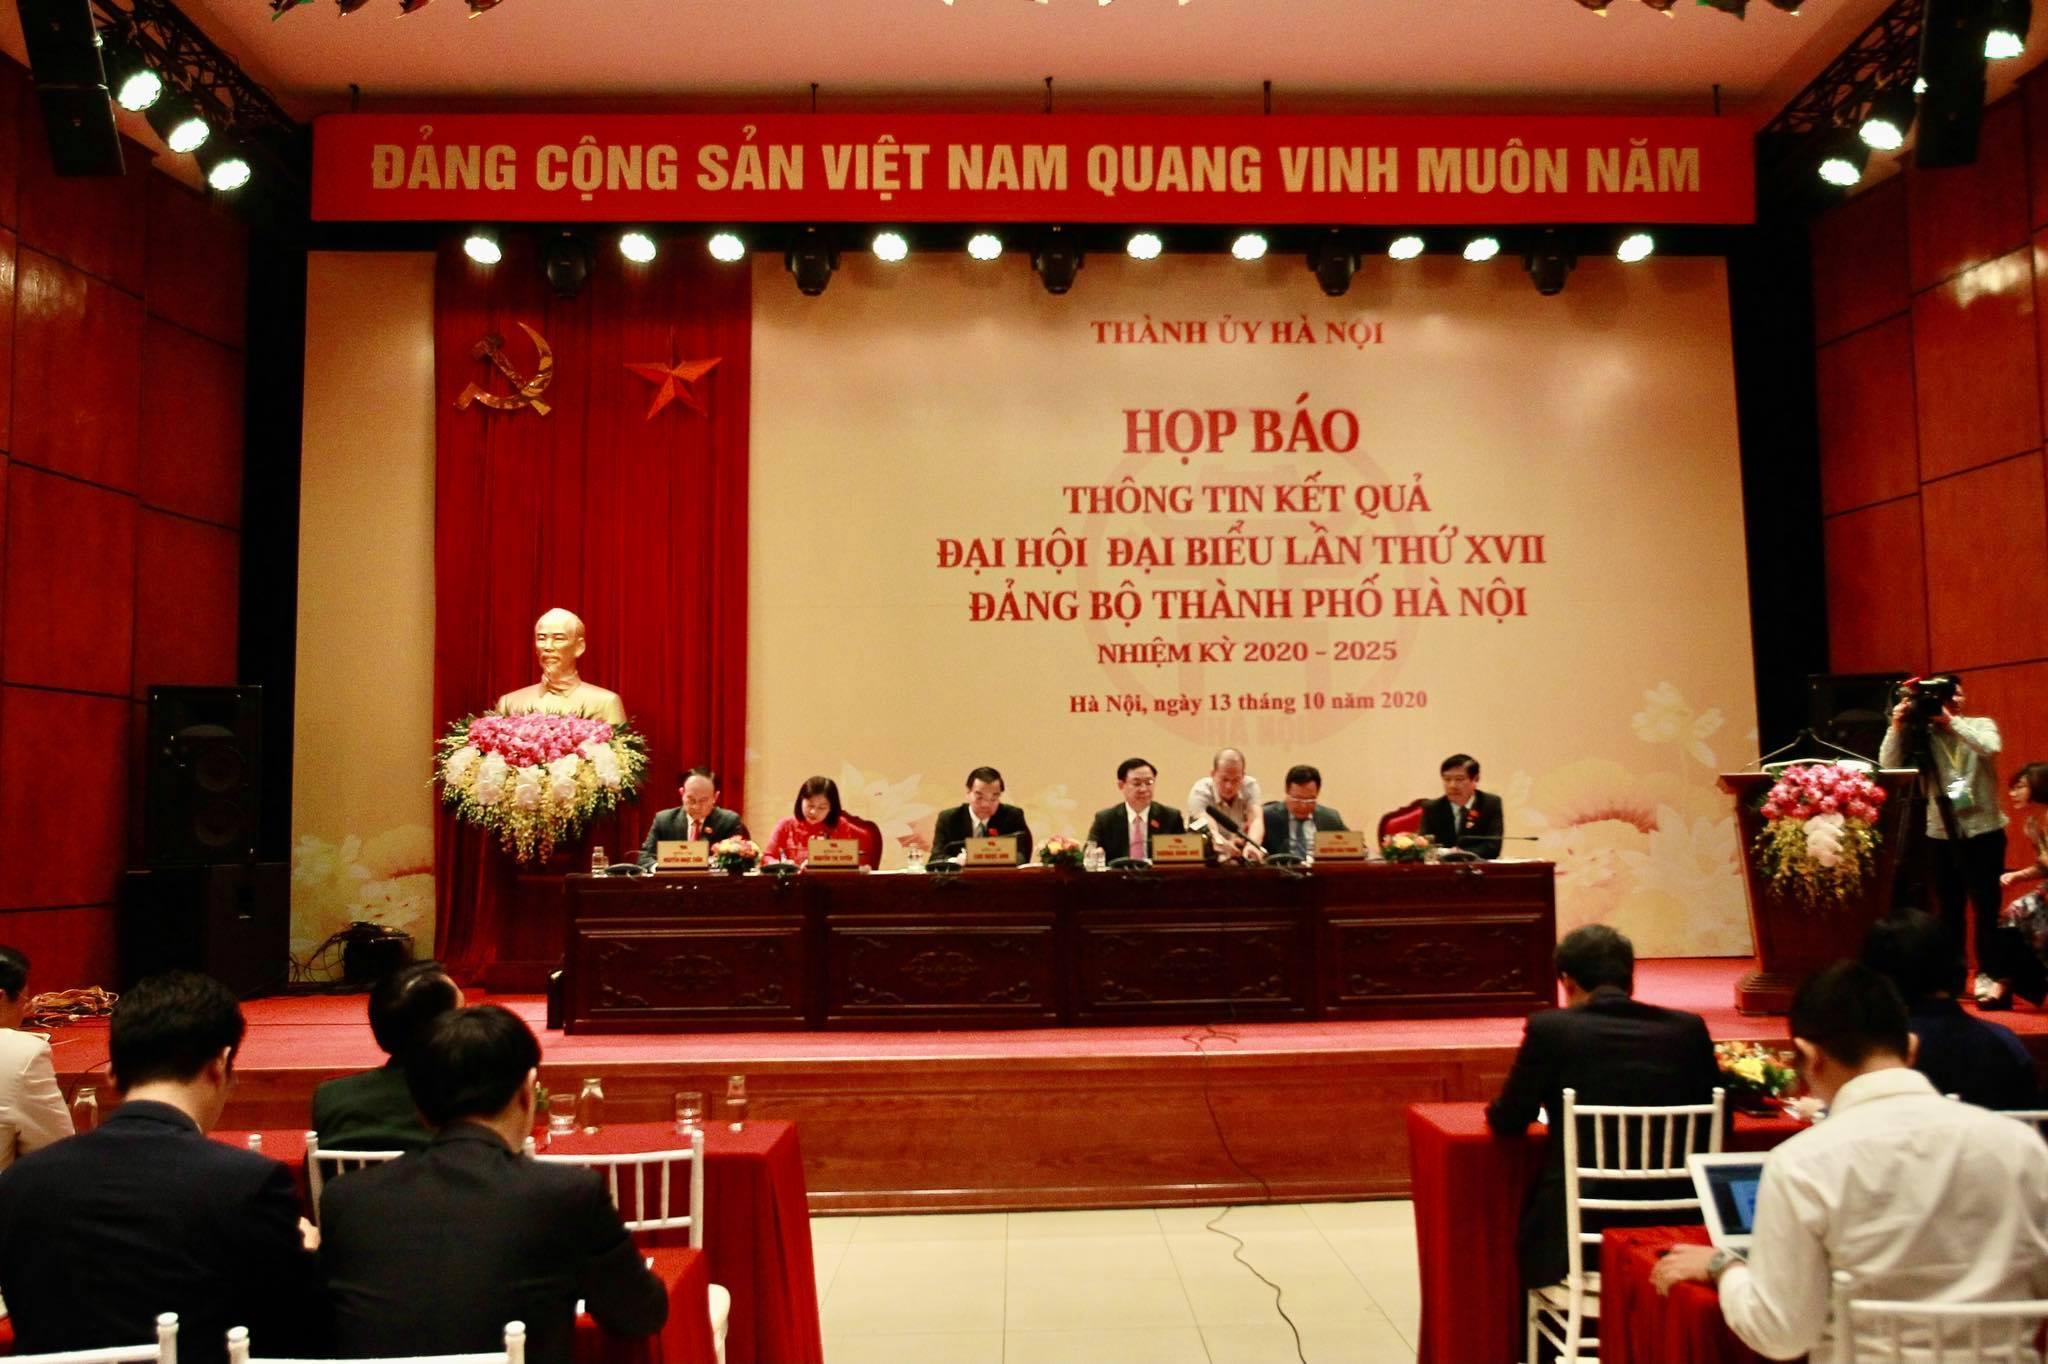 Bí thư Hà Nội: Đặt mục tiêu mỗi năm khám sức khỏe công dân một lần